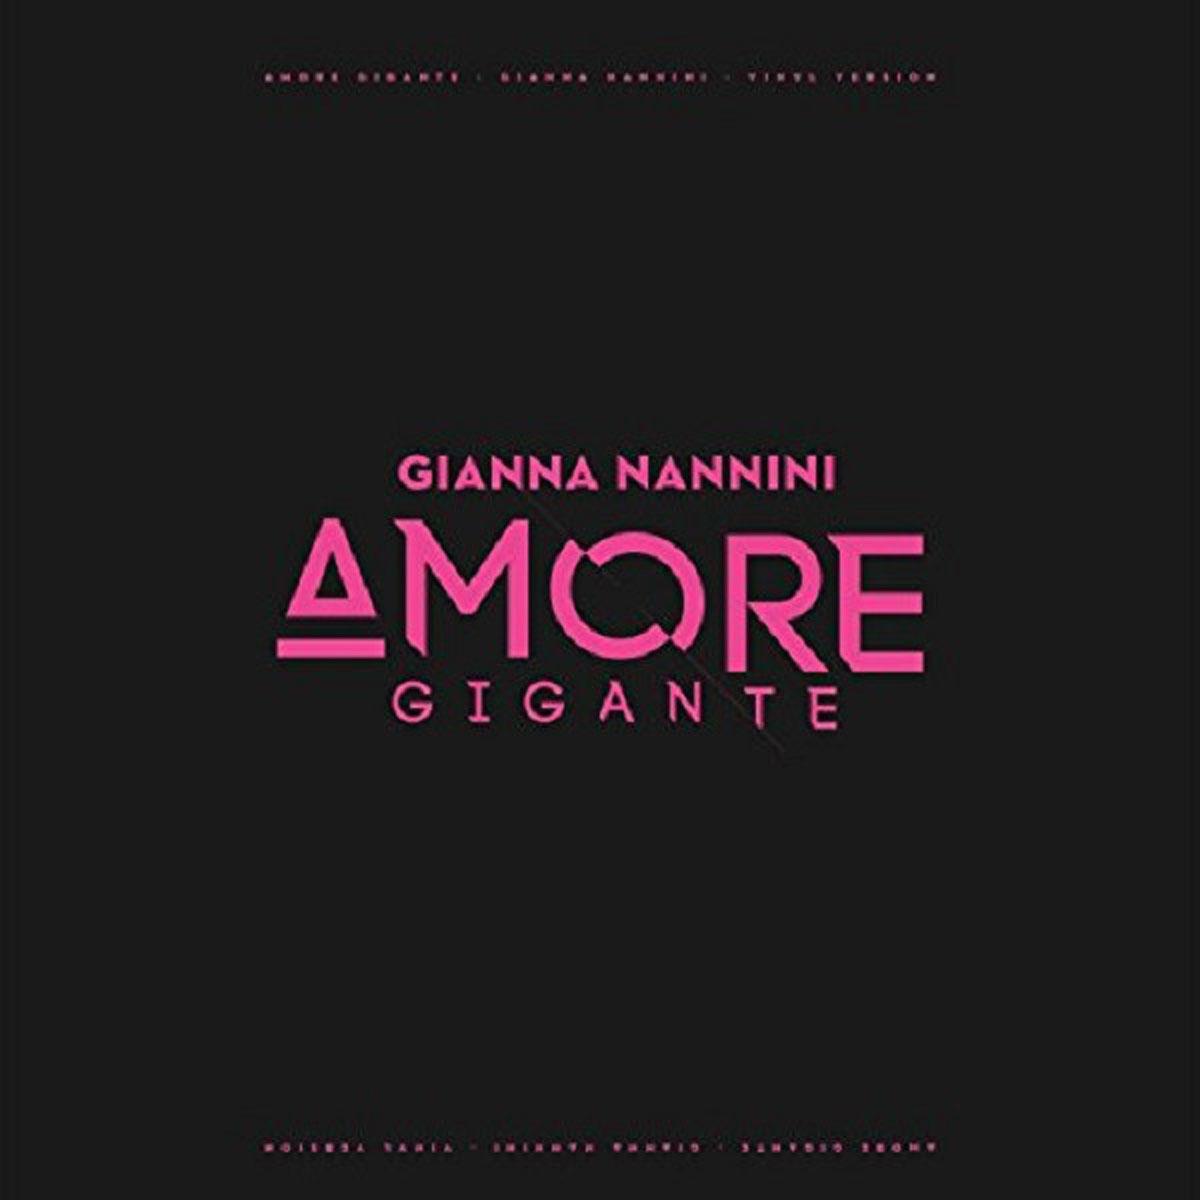 все цены на Джианна Наннини Gianna Nannini. Amore Gigante (LP) онлайн